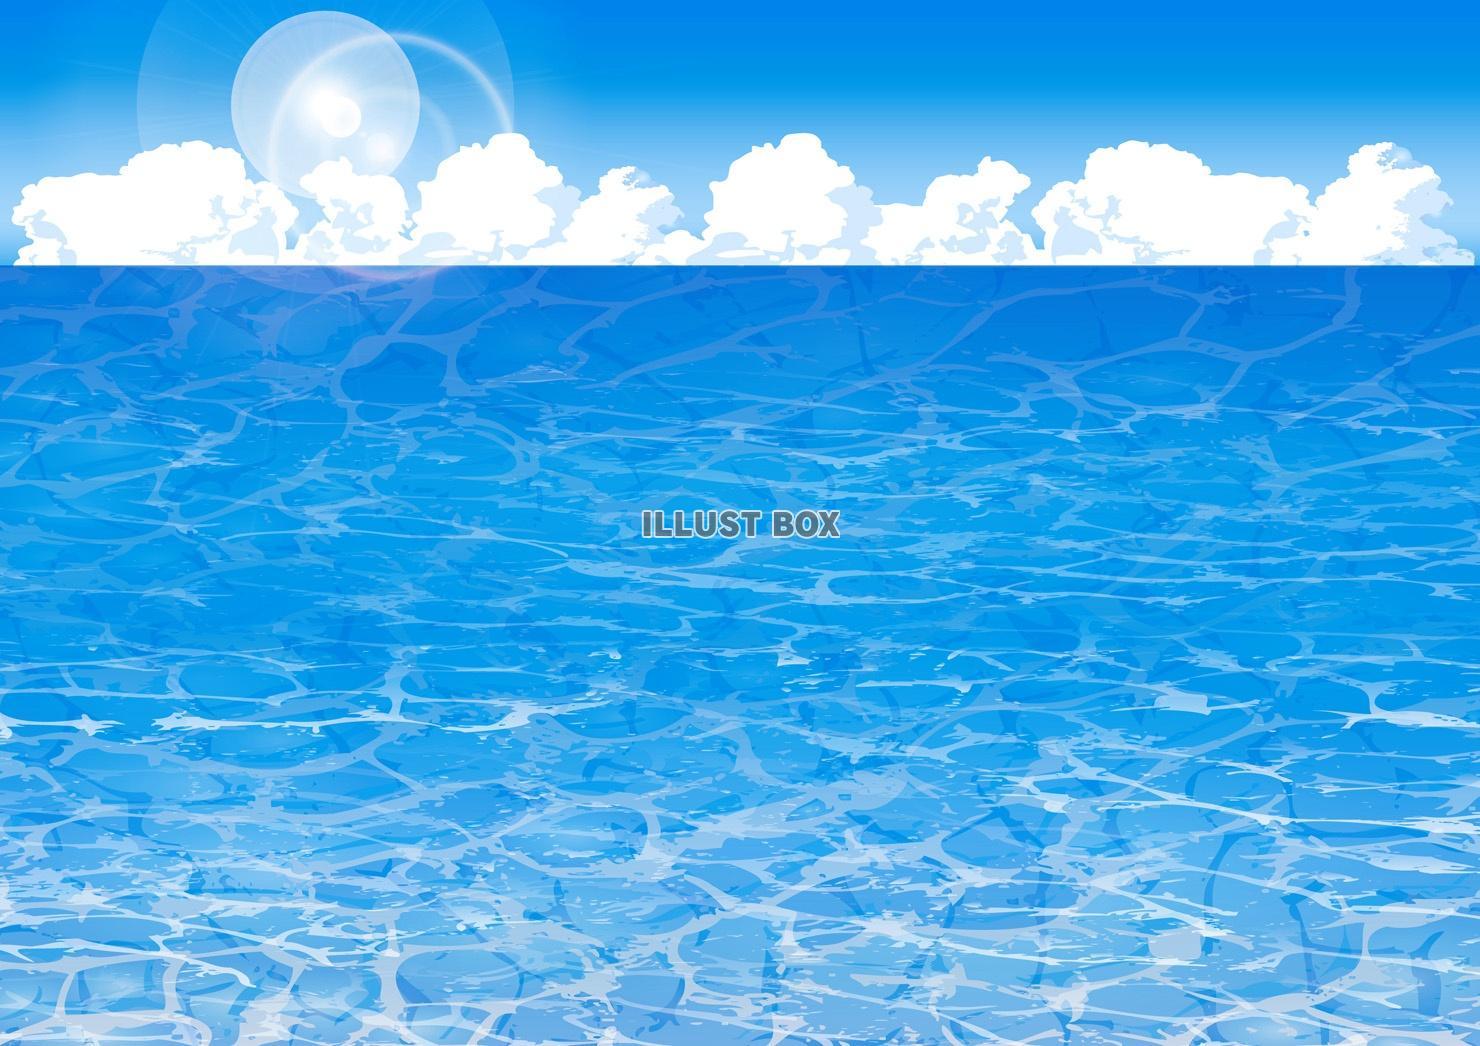 無料イラスト 青空入道雲海波模様背景素材壁紙残暑見舞いグアム島透明な